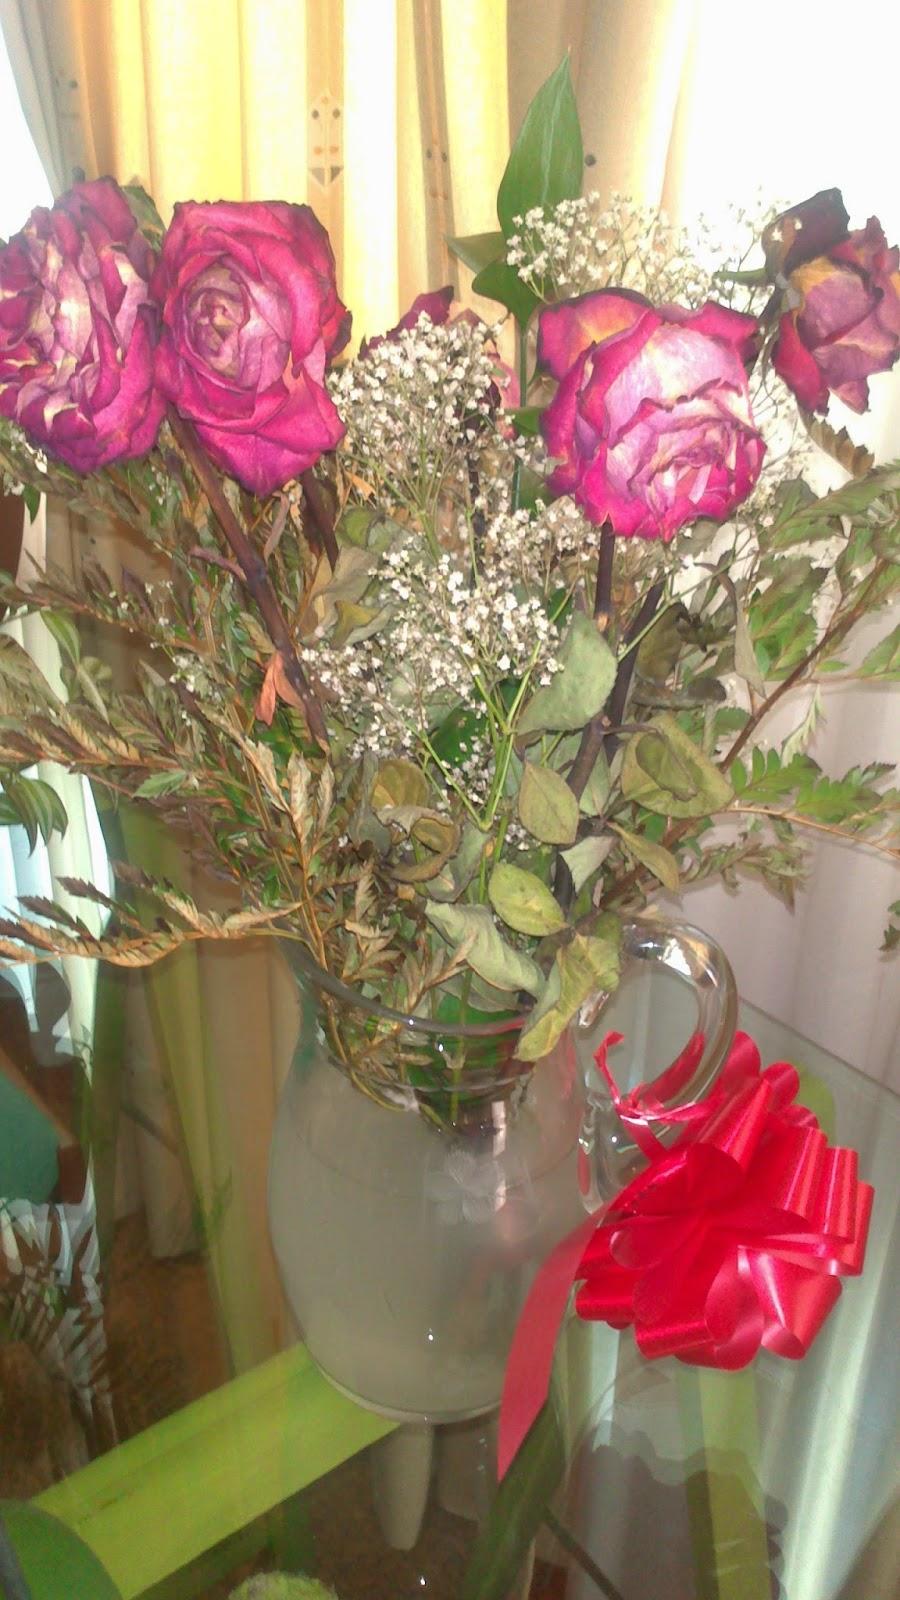 fotos de arreglos de rosas rojas naturales Mejores Imágenes